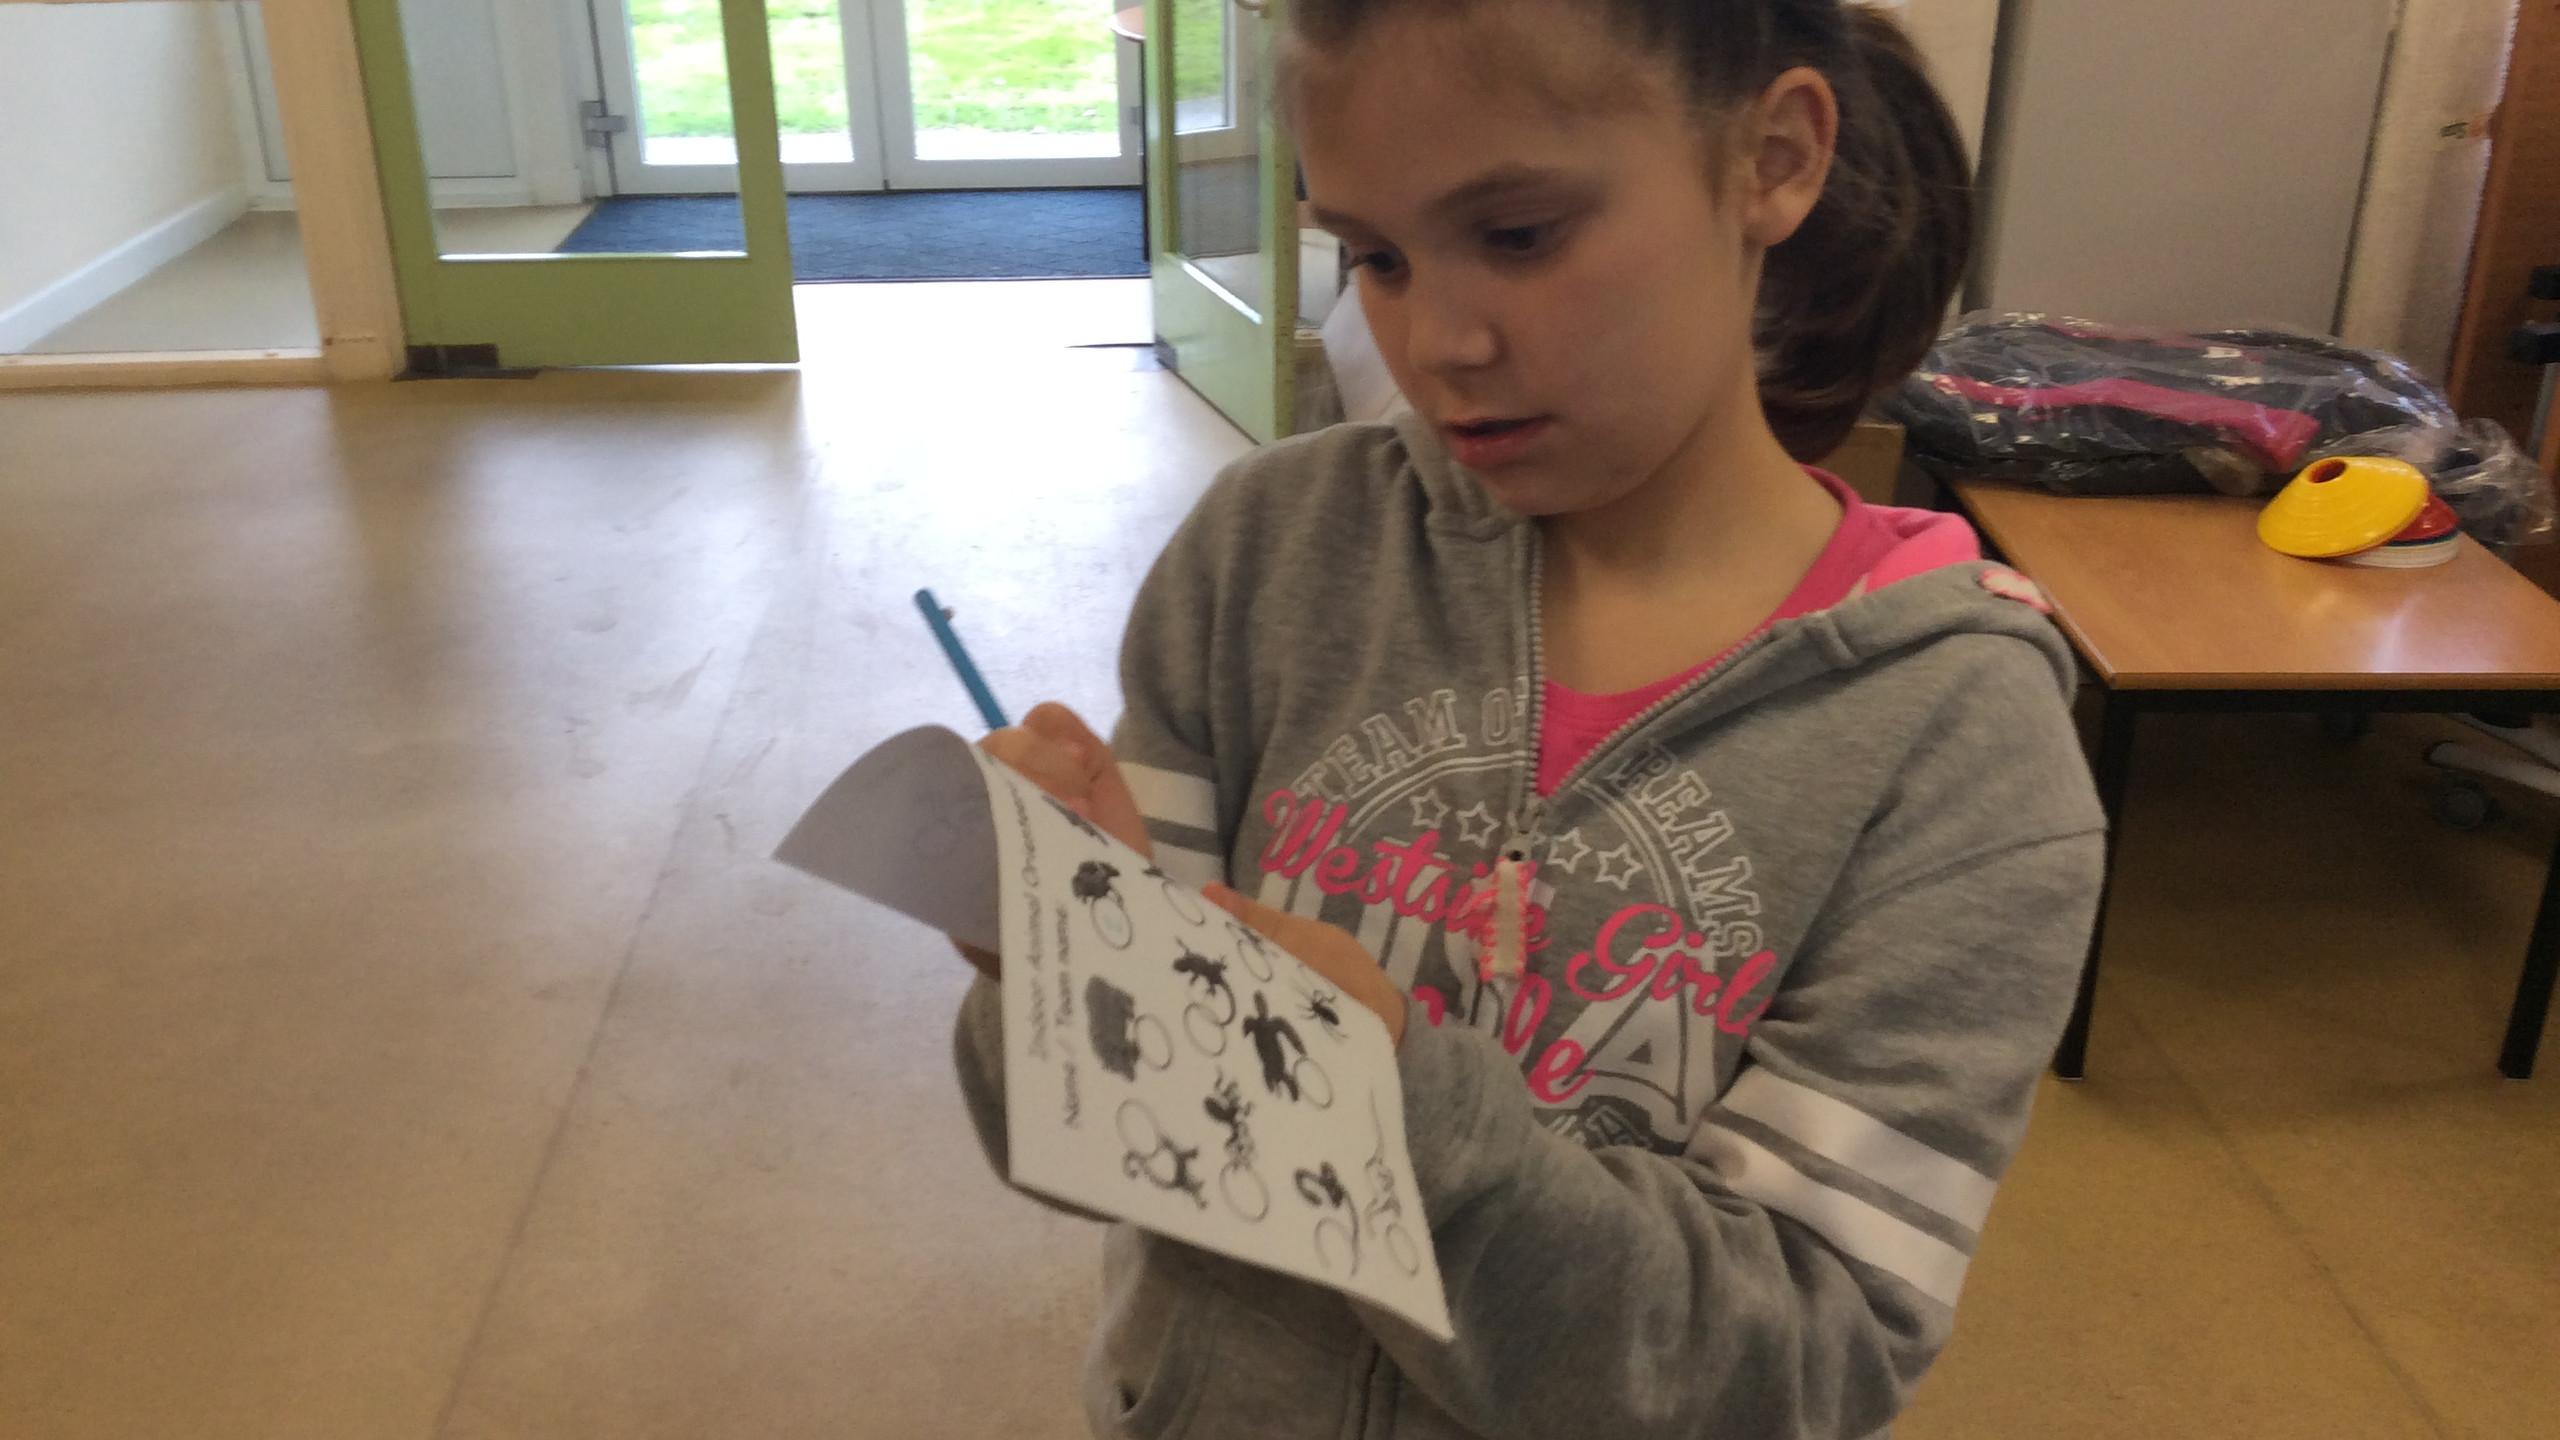 Conifers School Year 4 outdoor adventurous activities 3